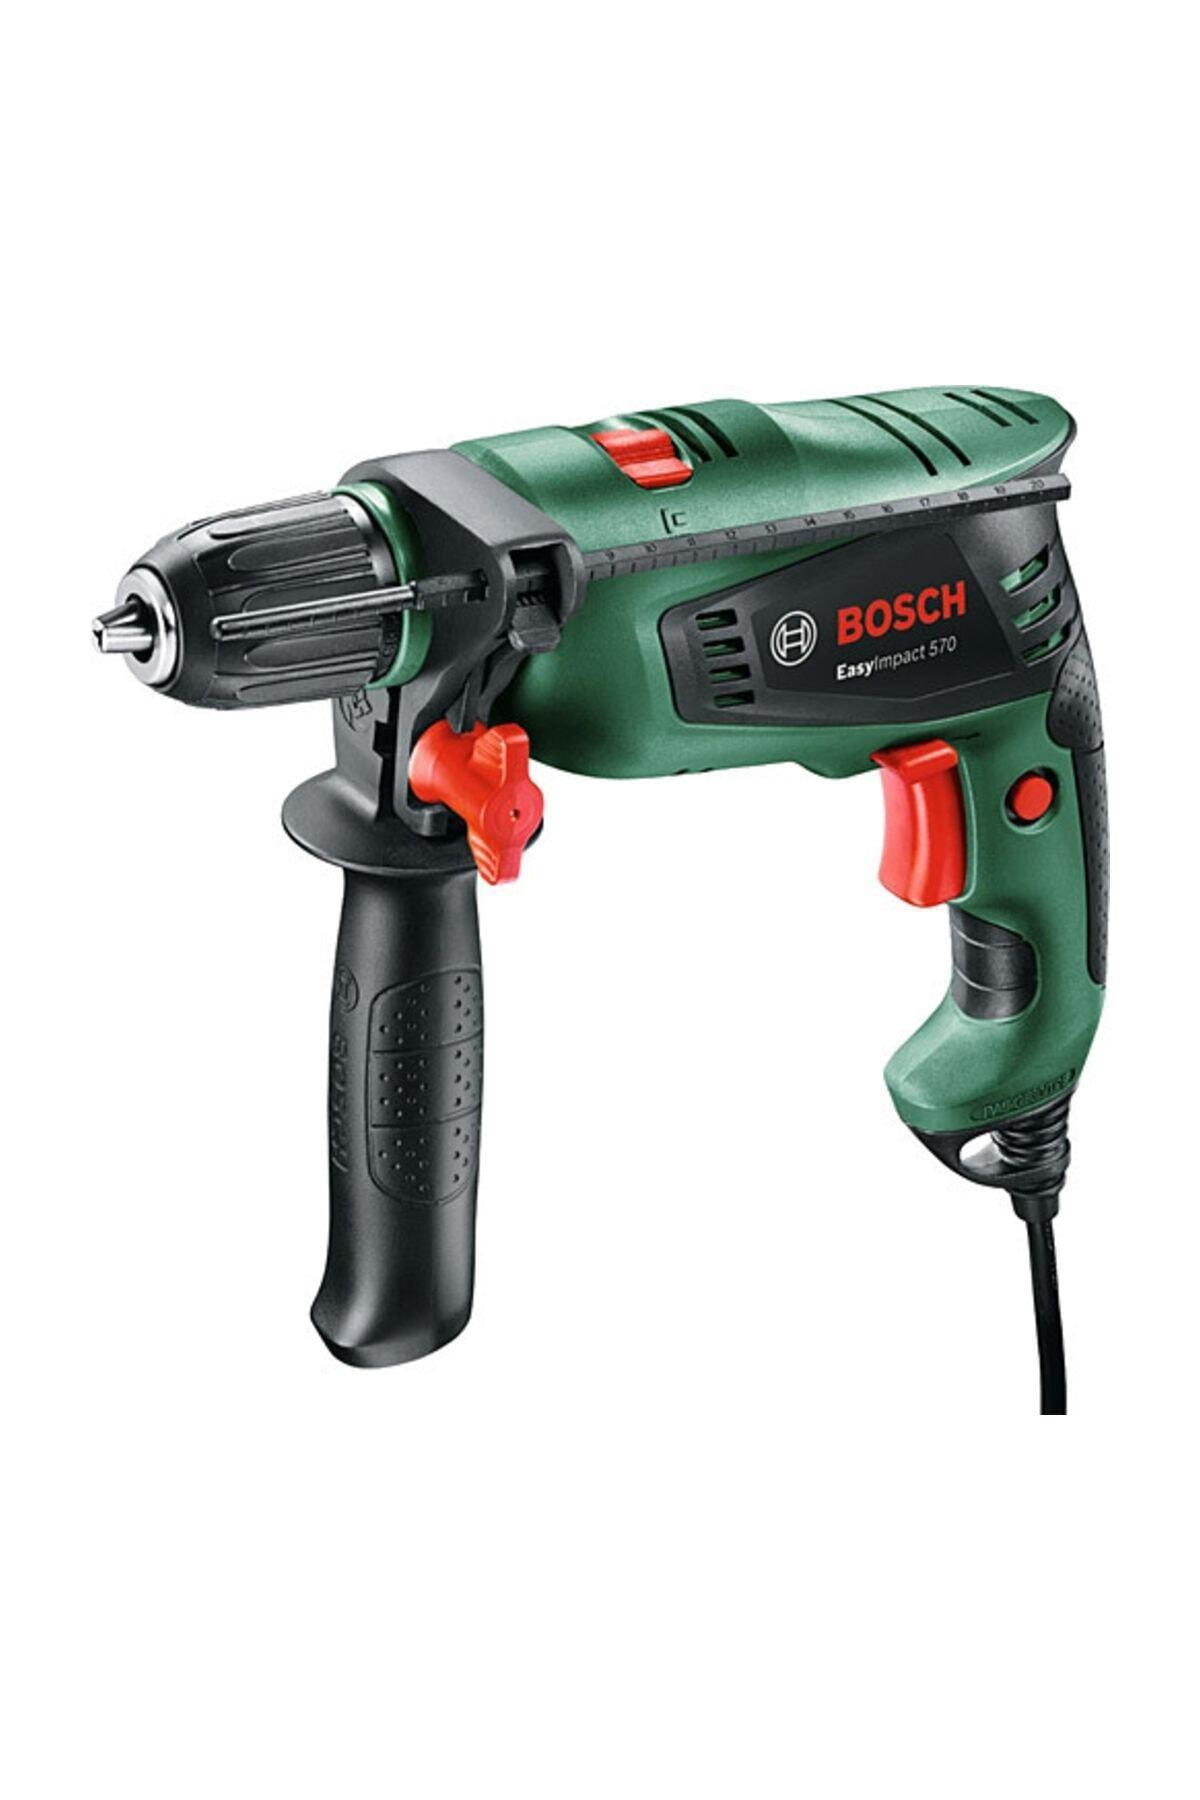 Bosch Easyımpact 570 Darbeli Matkap - Sırt Çantalı 2